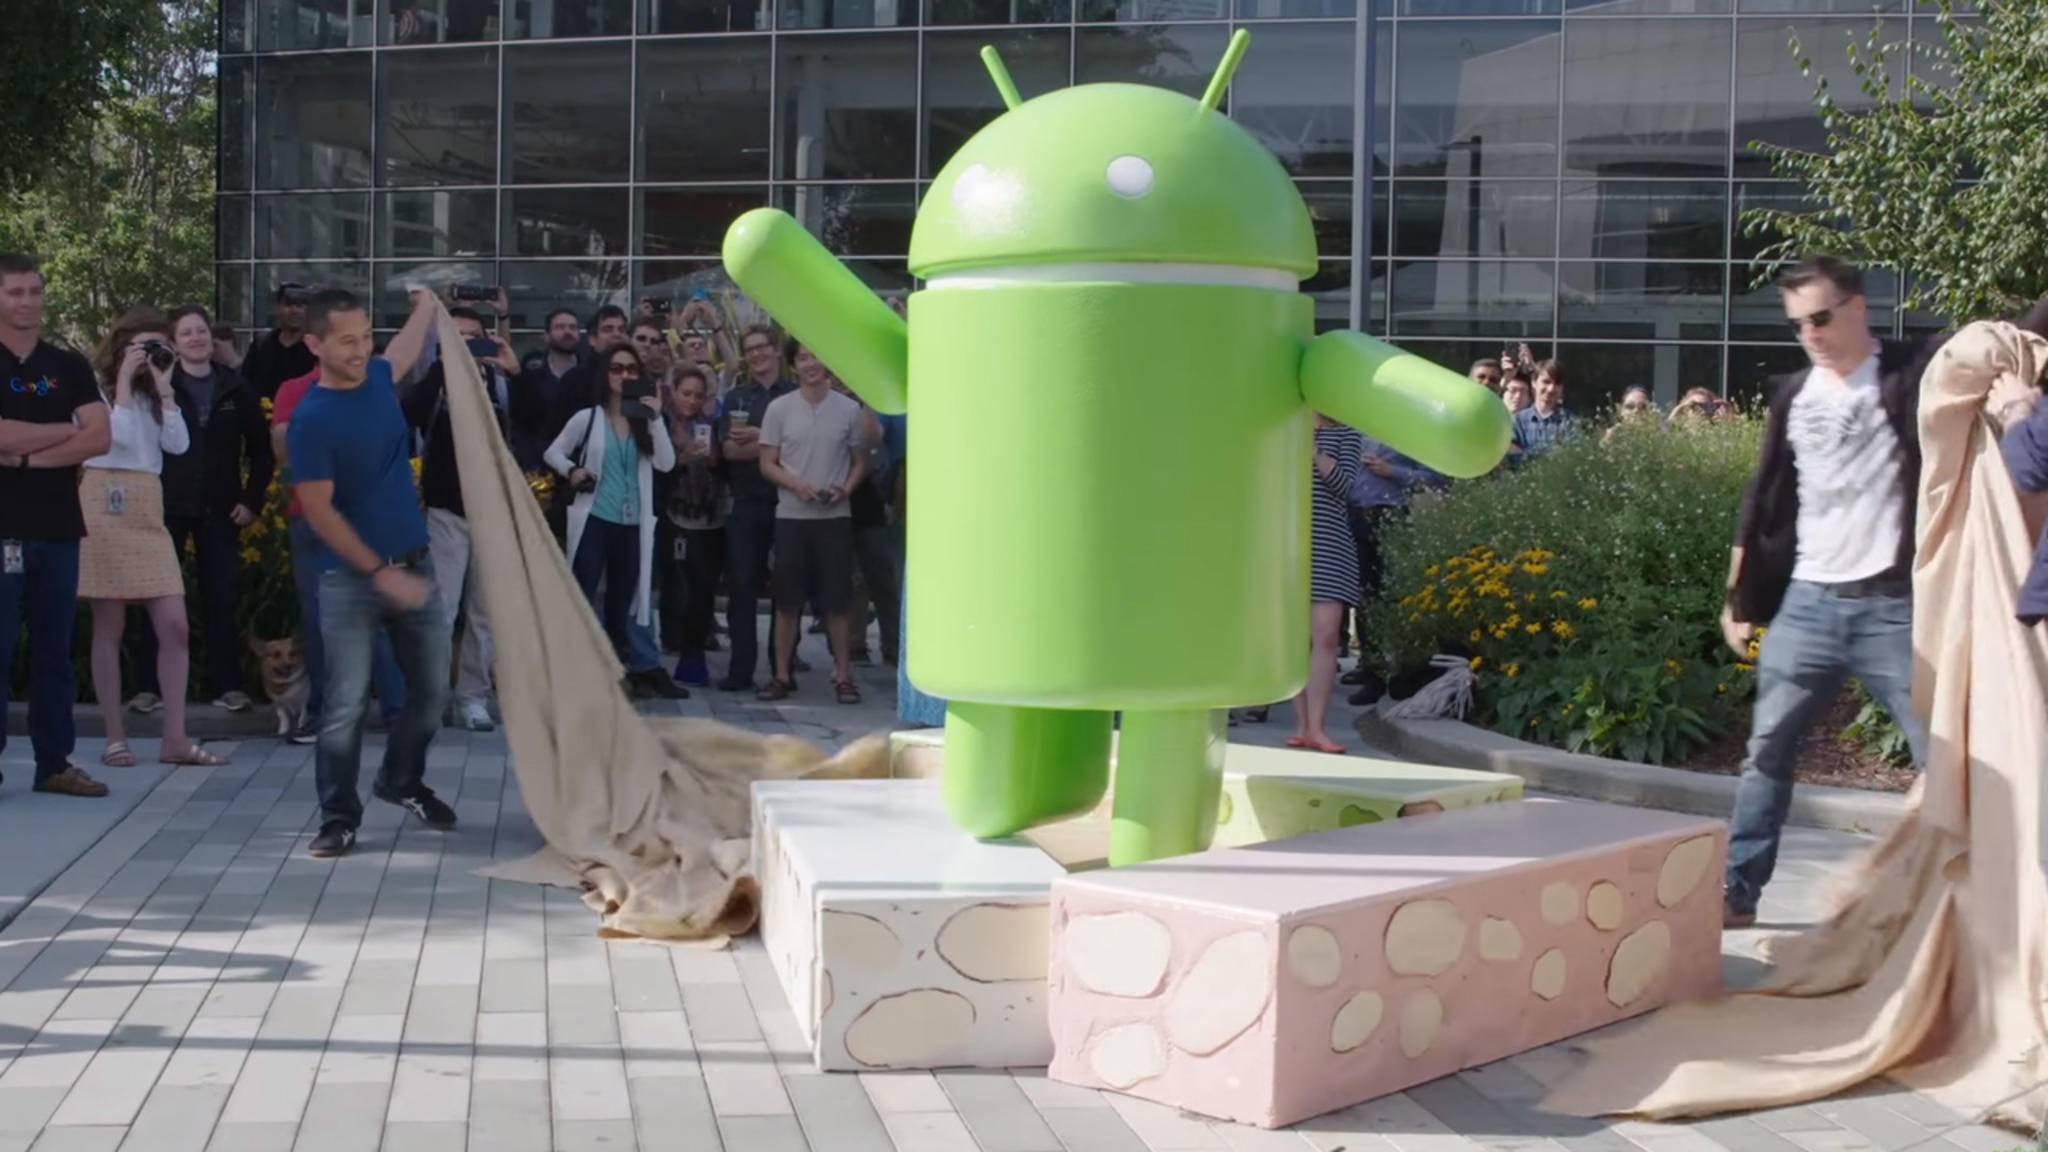 Geräte mit Android 7.1.1 (Nougat ) oder älter sind von dem Problem betroffen.